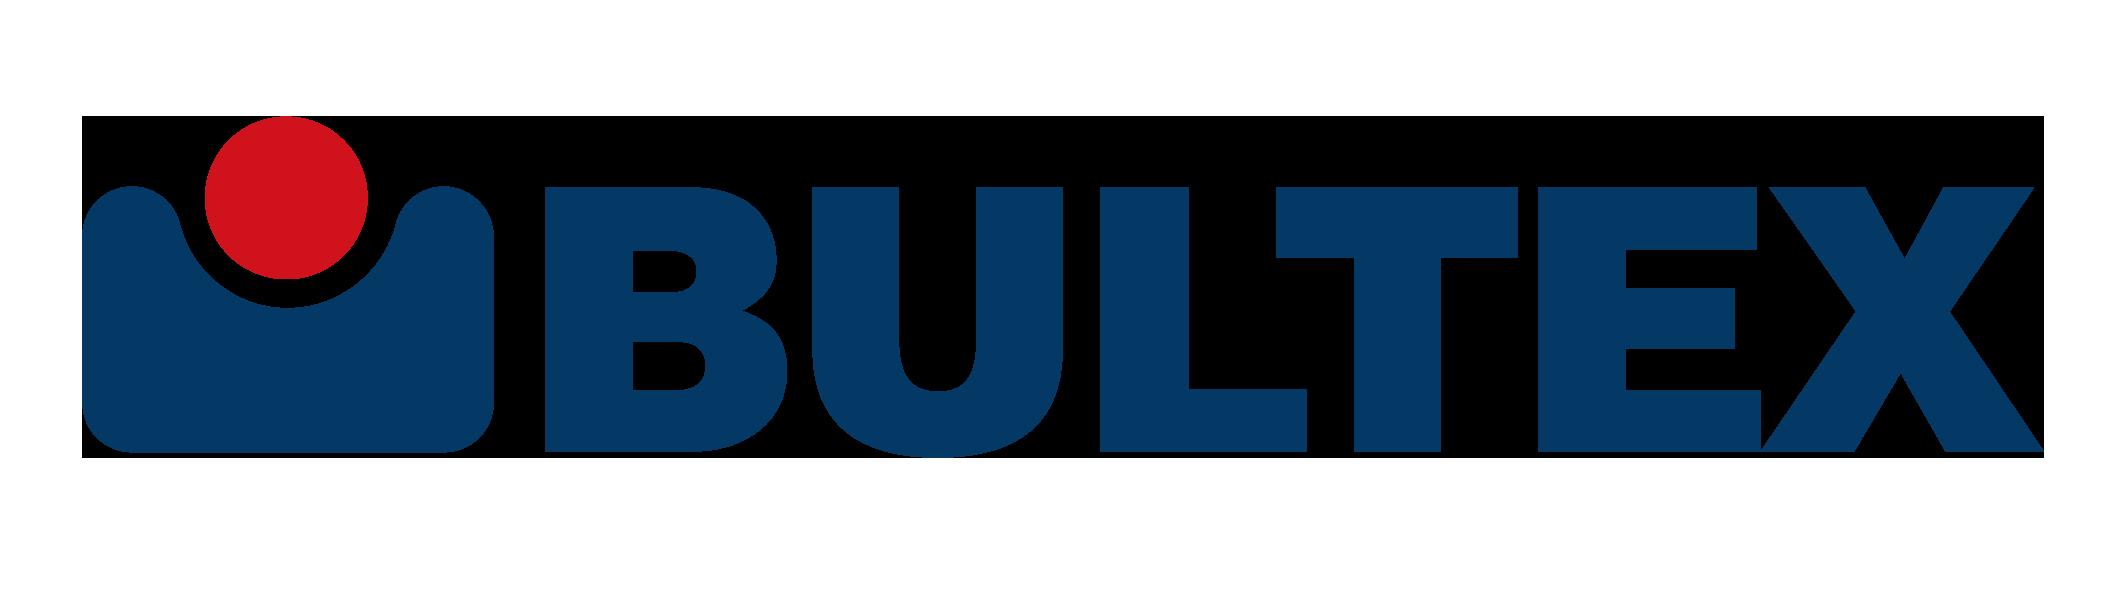 bultex nanotech